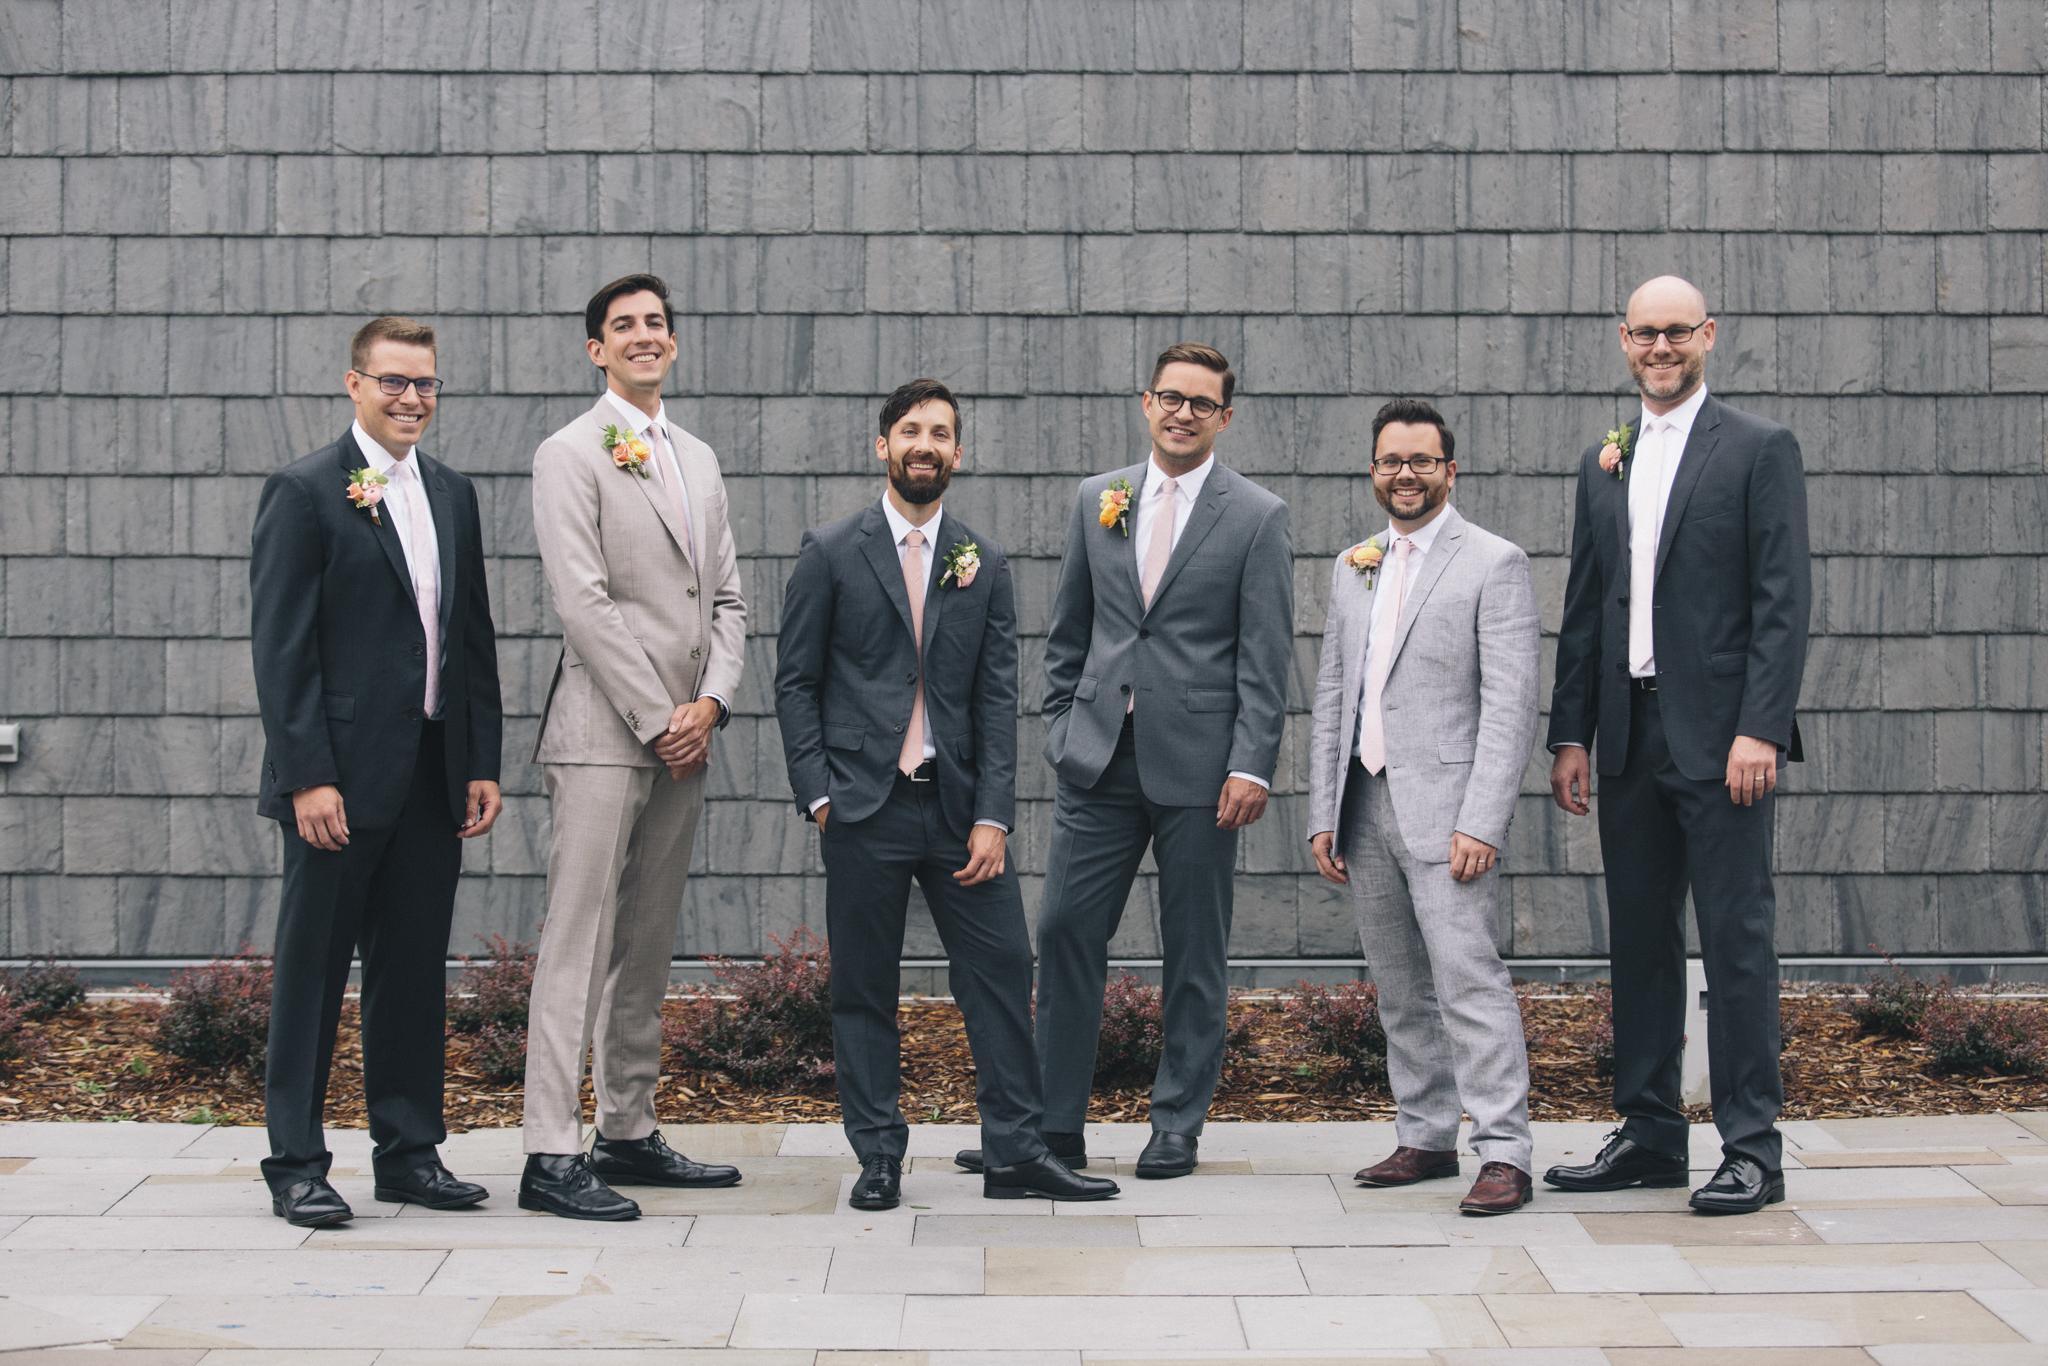 harlan_megmike_wedding_35.jpg